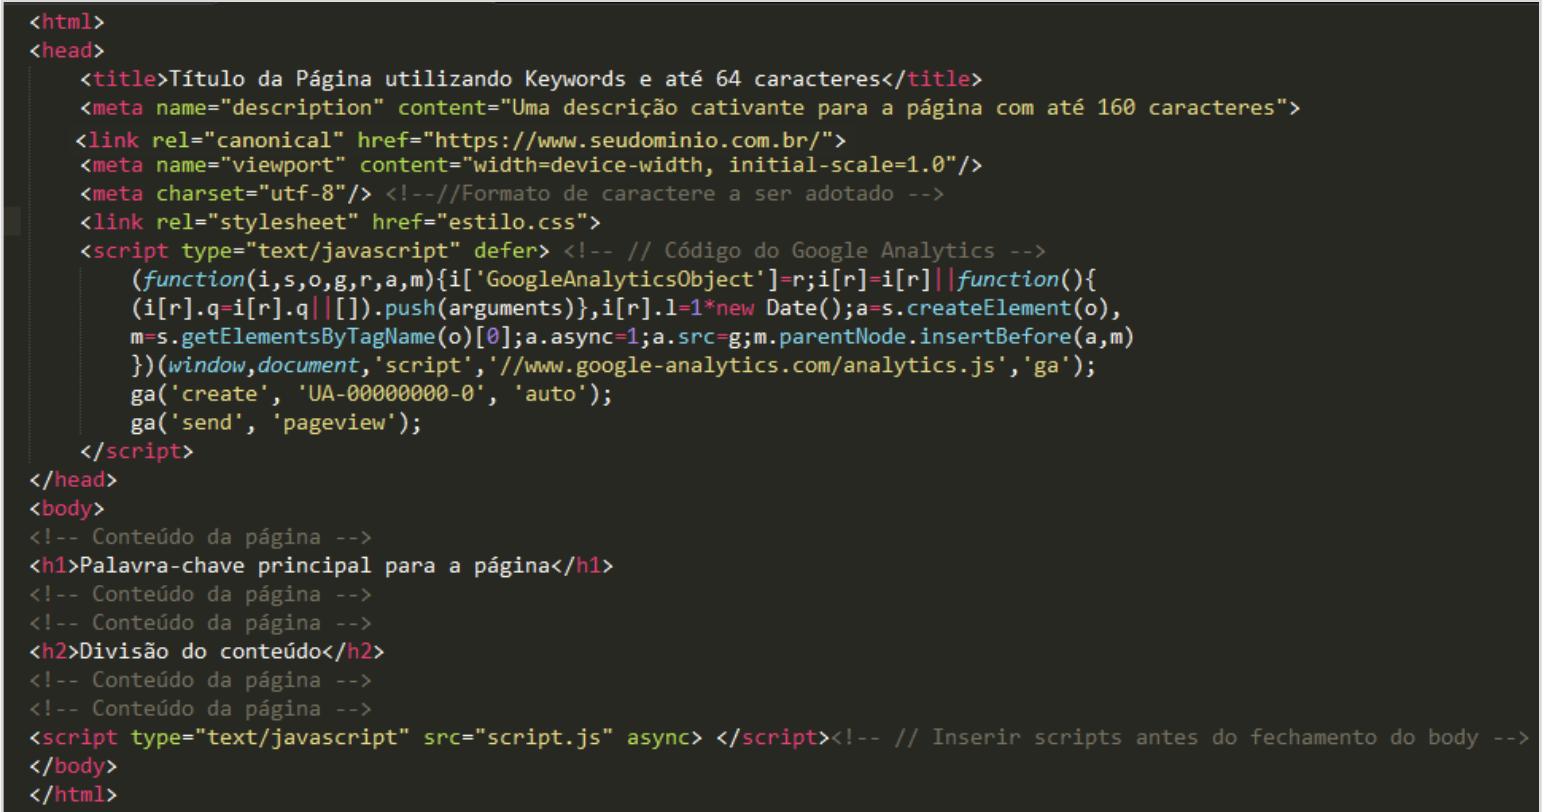 Semântica do código fonte com as tags organizadas dentro da head e dentro do body